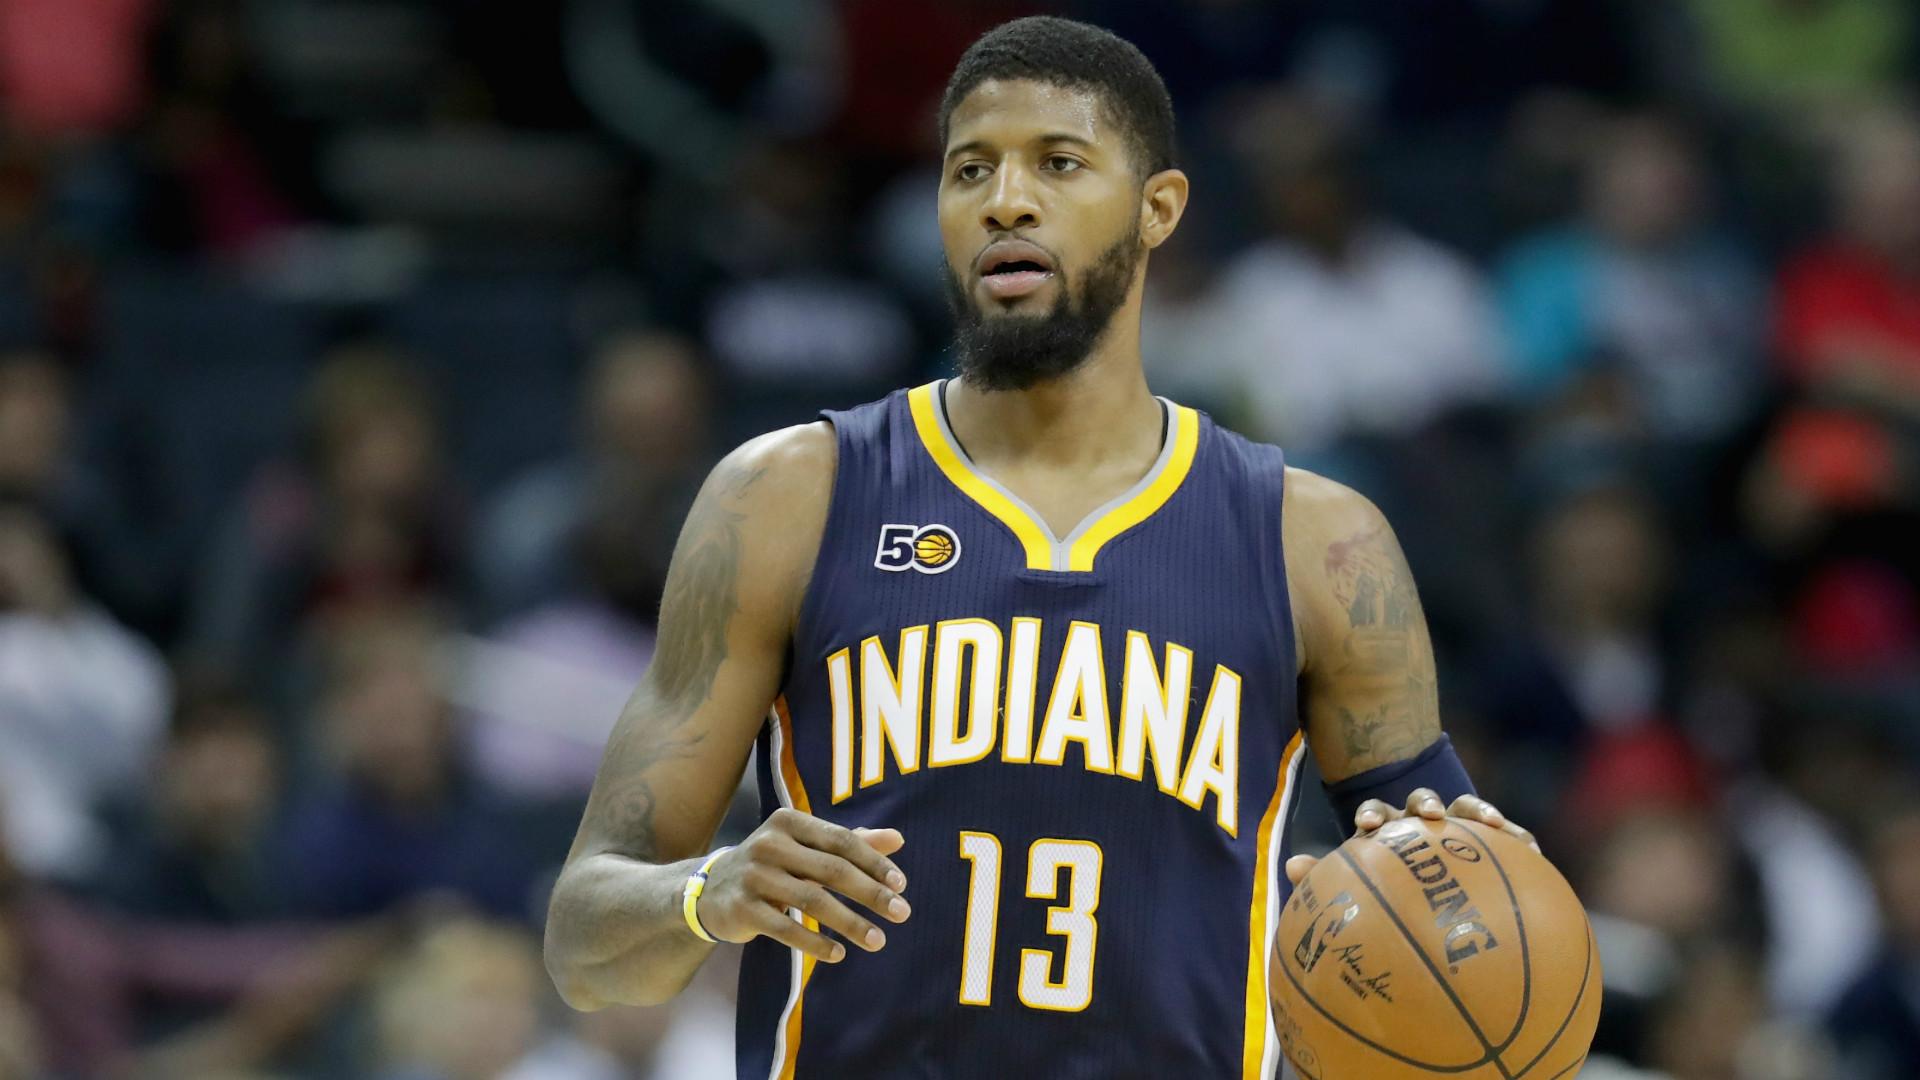 NBA free agency rumors: Paul George tells Pacers he's leaving in 2018,  eyeing Lakers | NBA | Sporting News